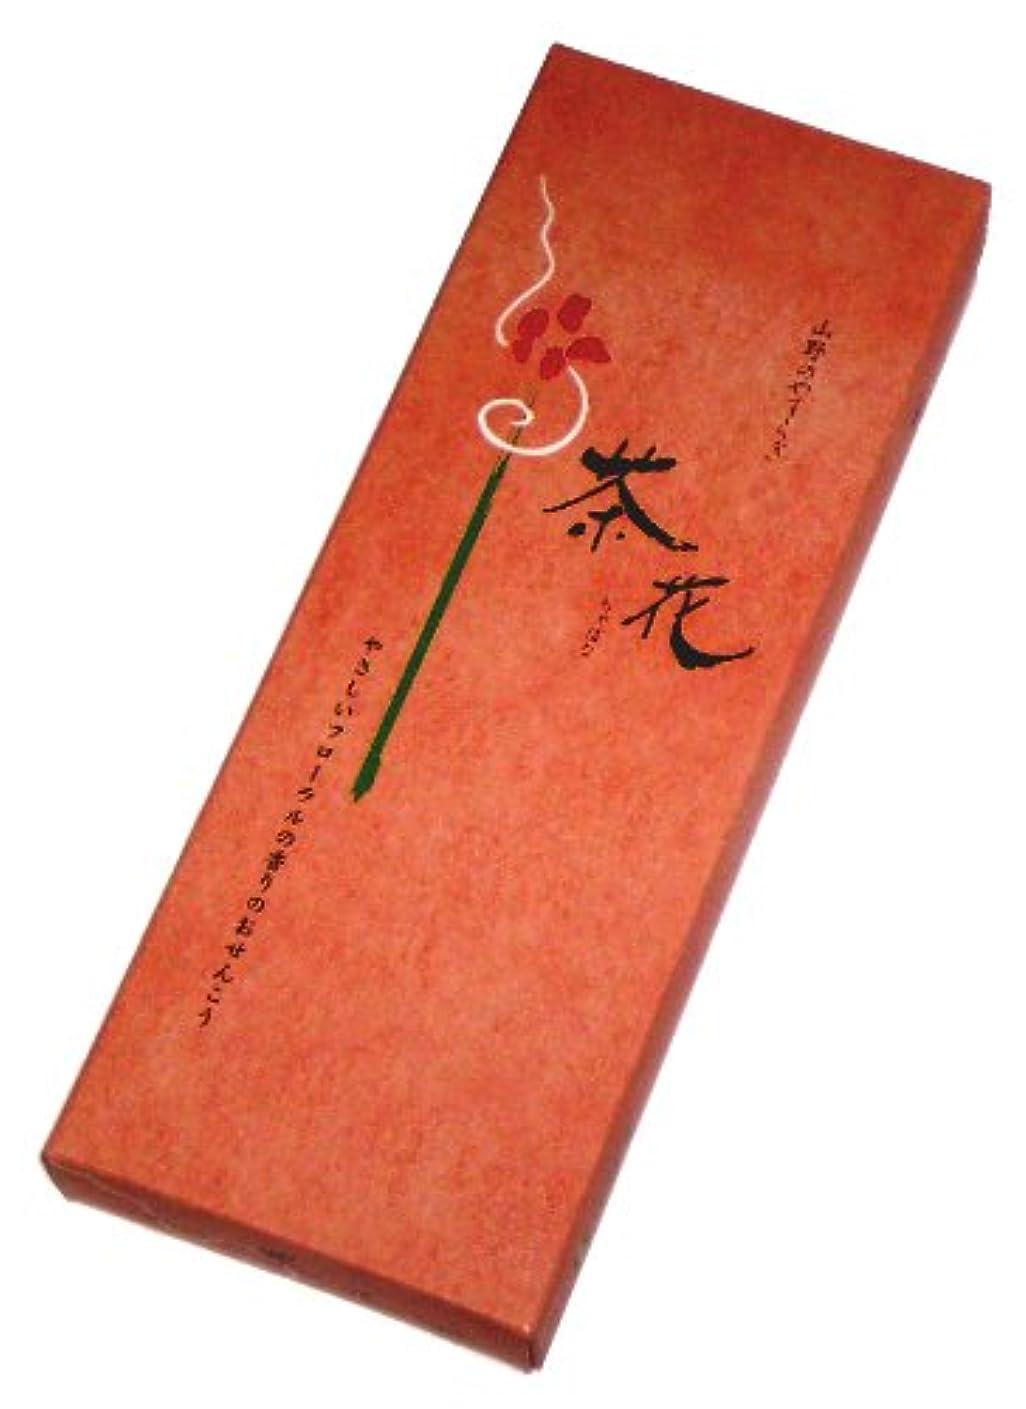 のぞき見ボール擁する尚林堂のお線香 茶花 有煙 長寸バラ